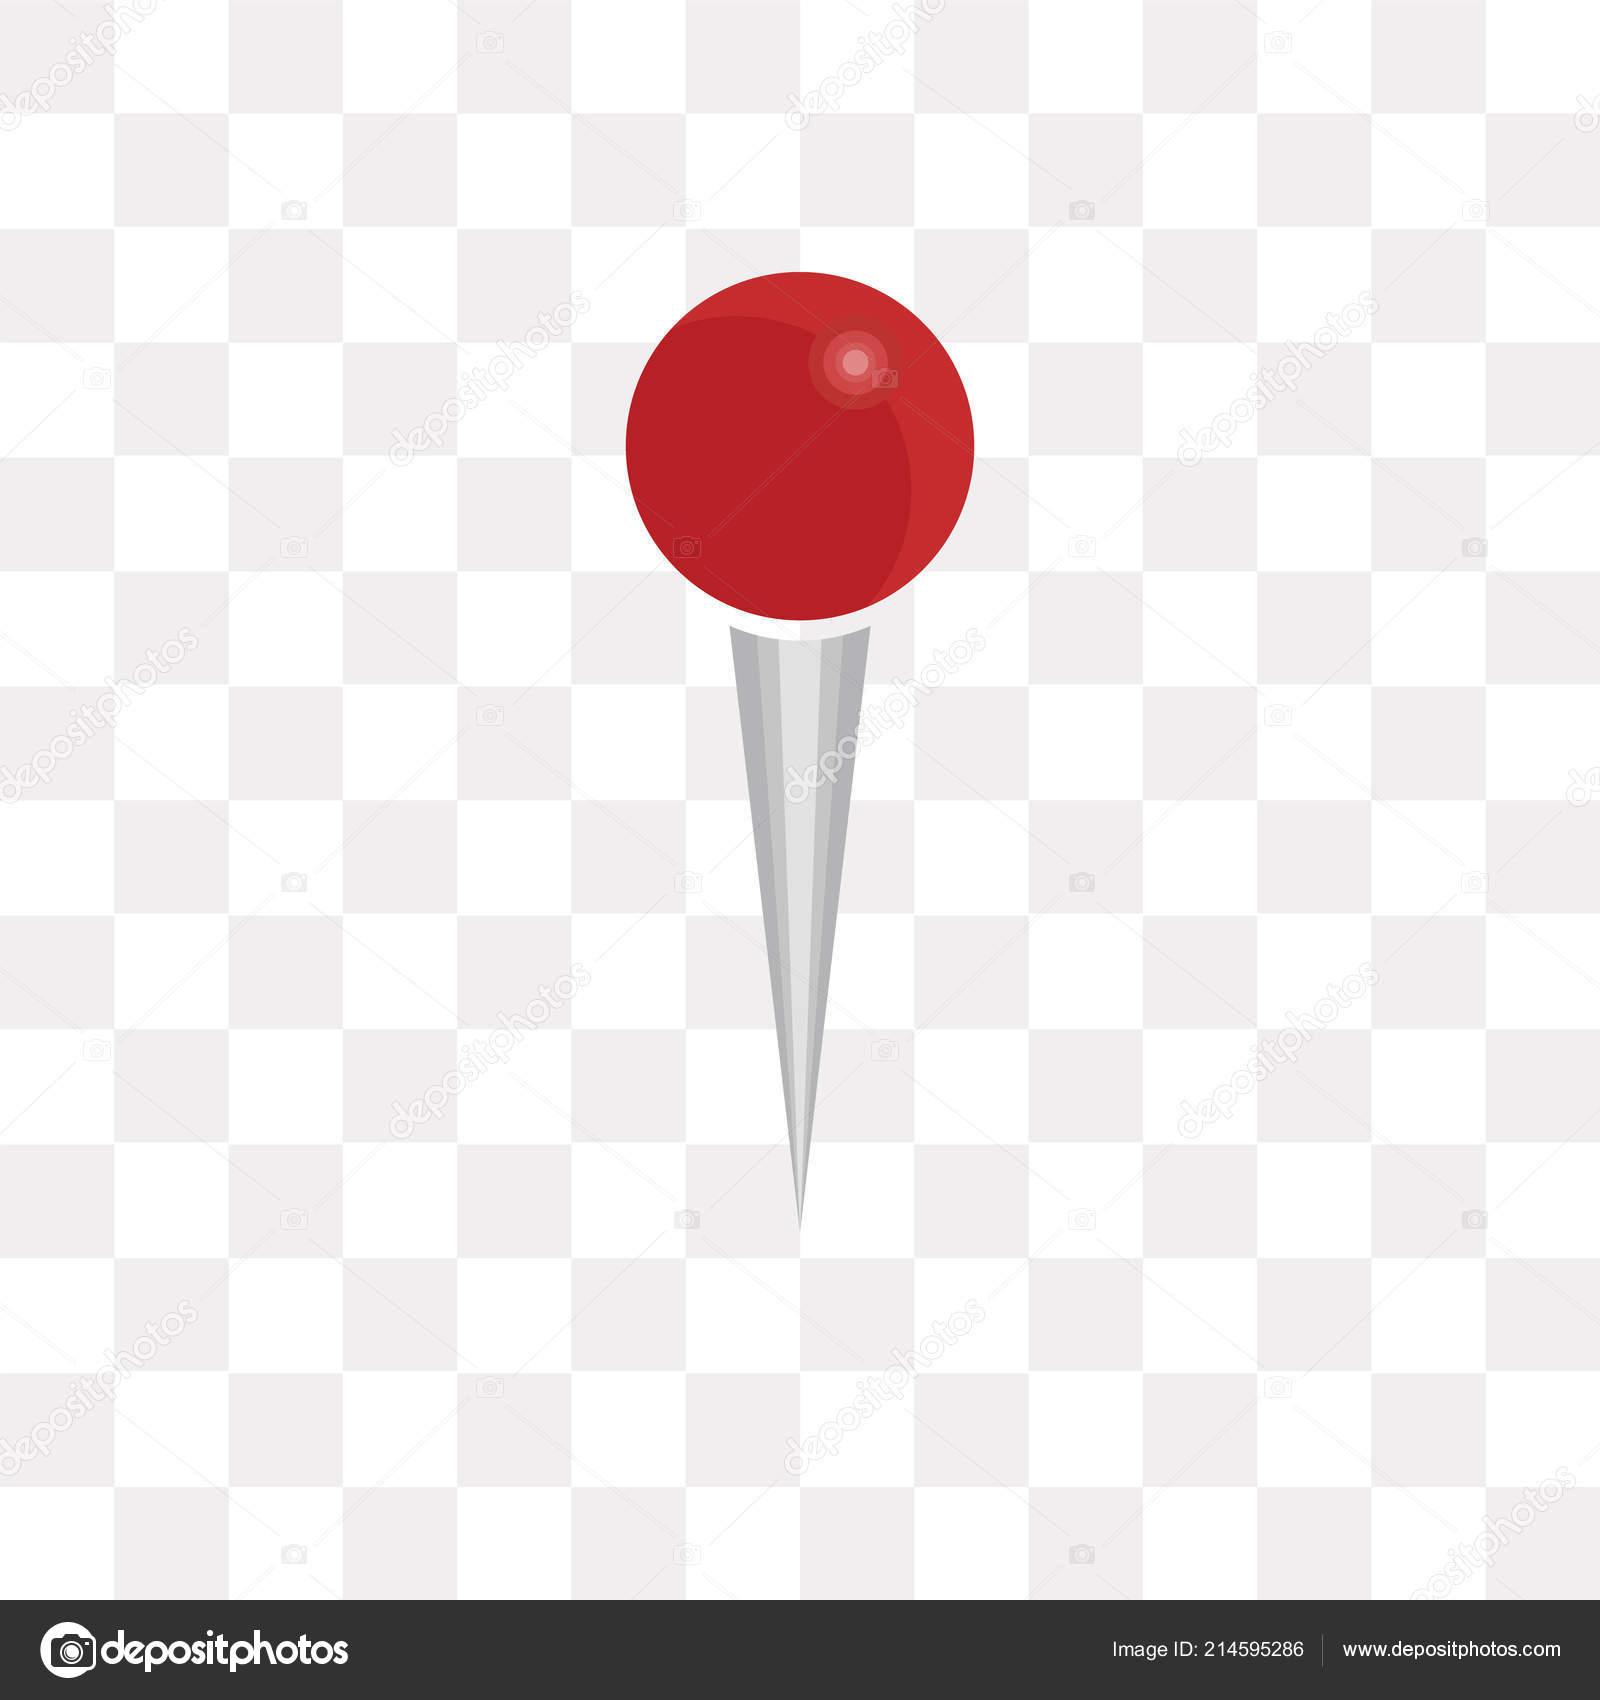 Icone Vecteur Pin Isole Sur Fond Transparent Concept Logo